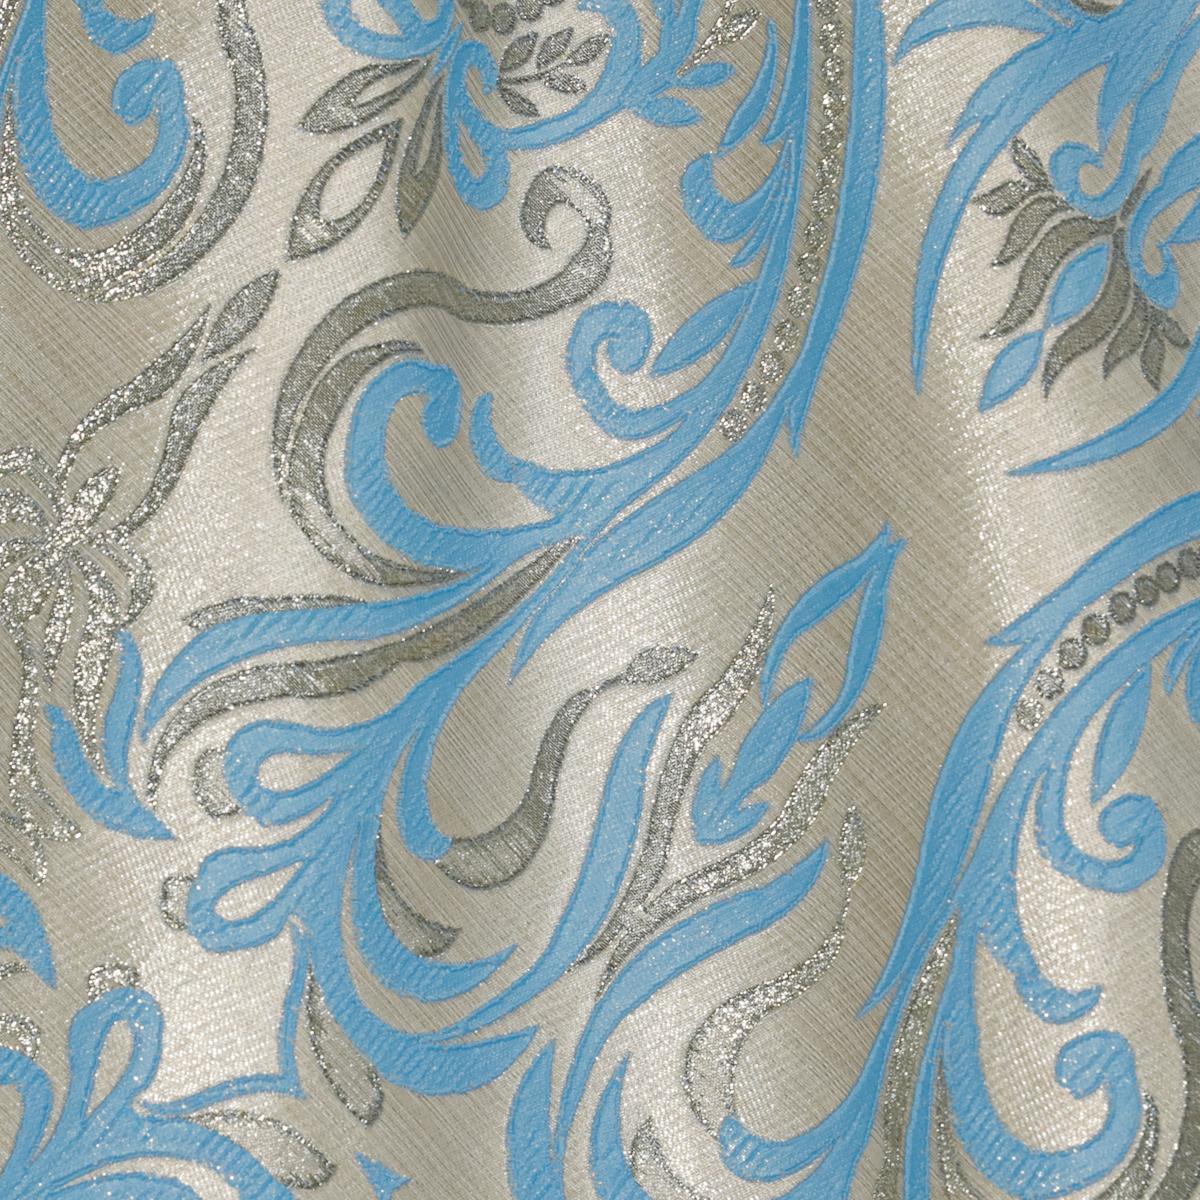 Полиэстеровый жаккард золотисто-бежевого цвета с голубым орнаментом